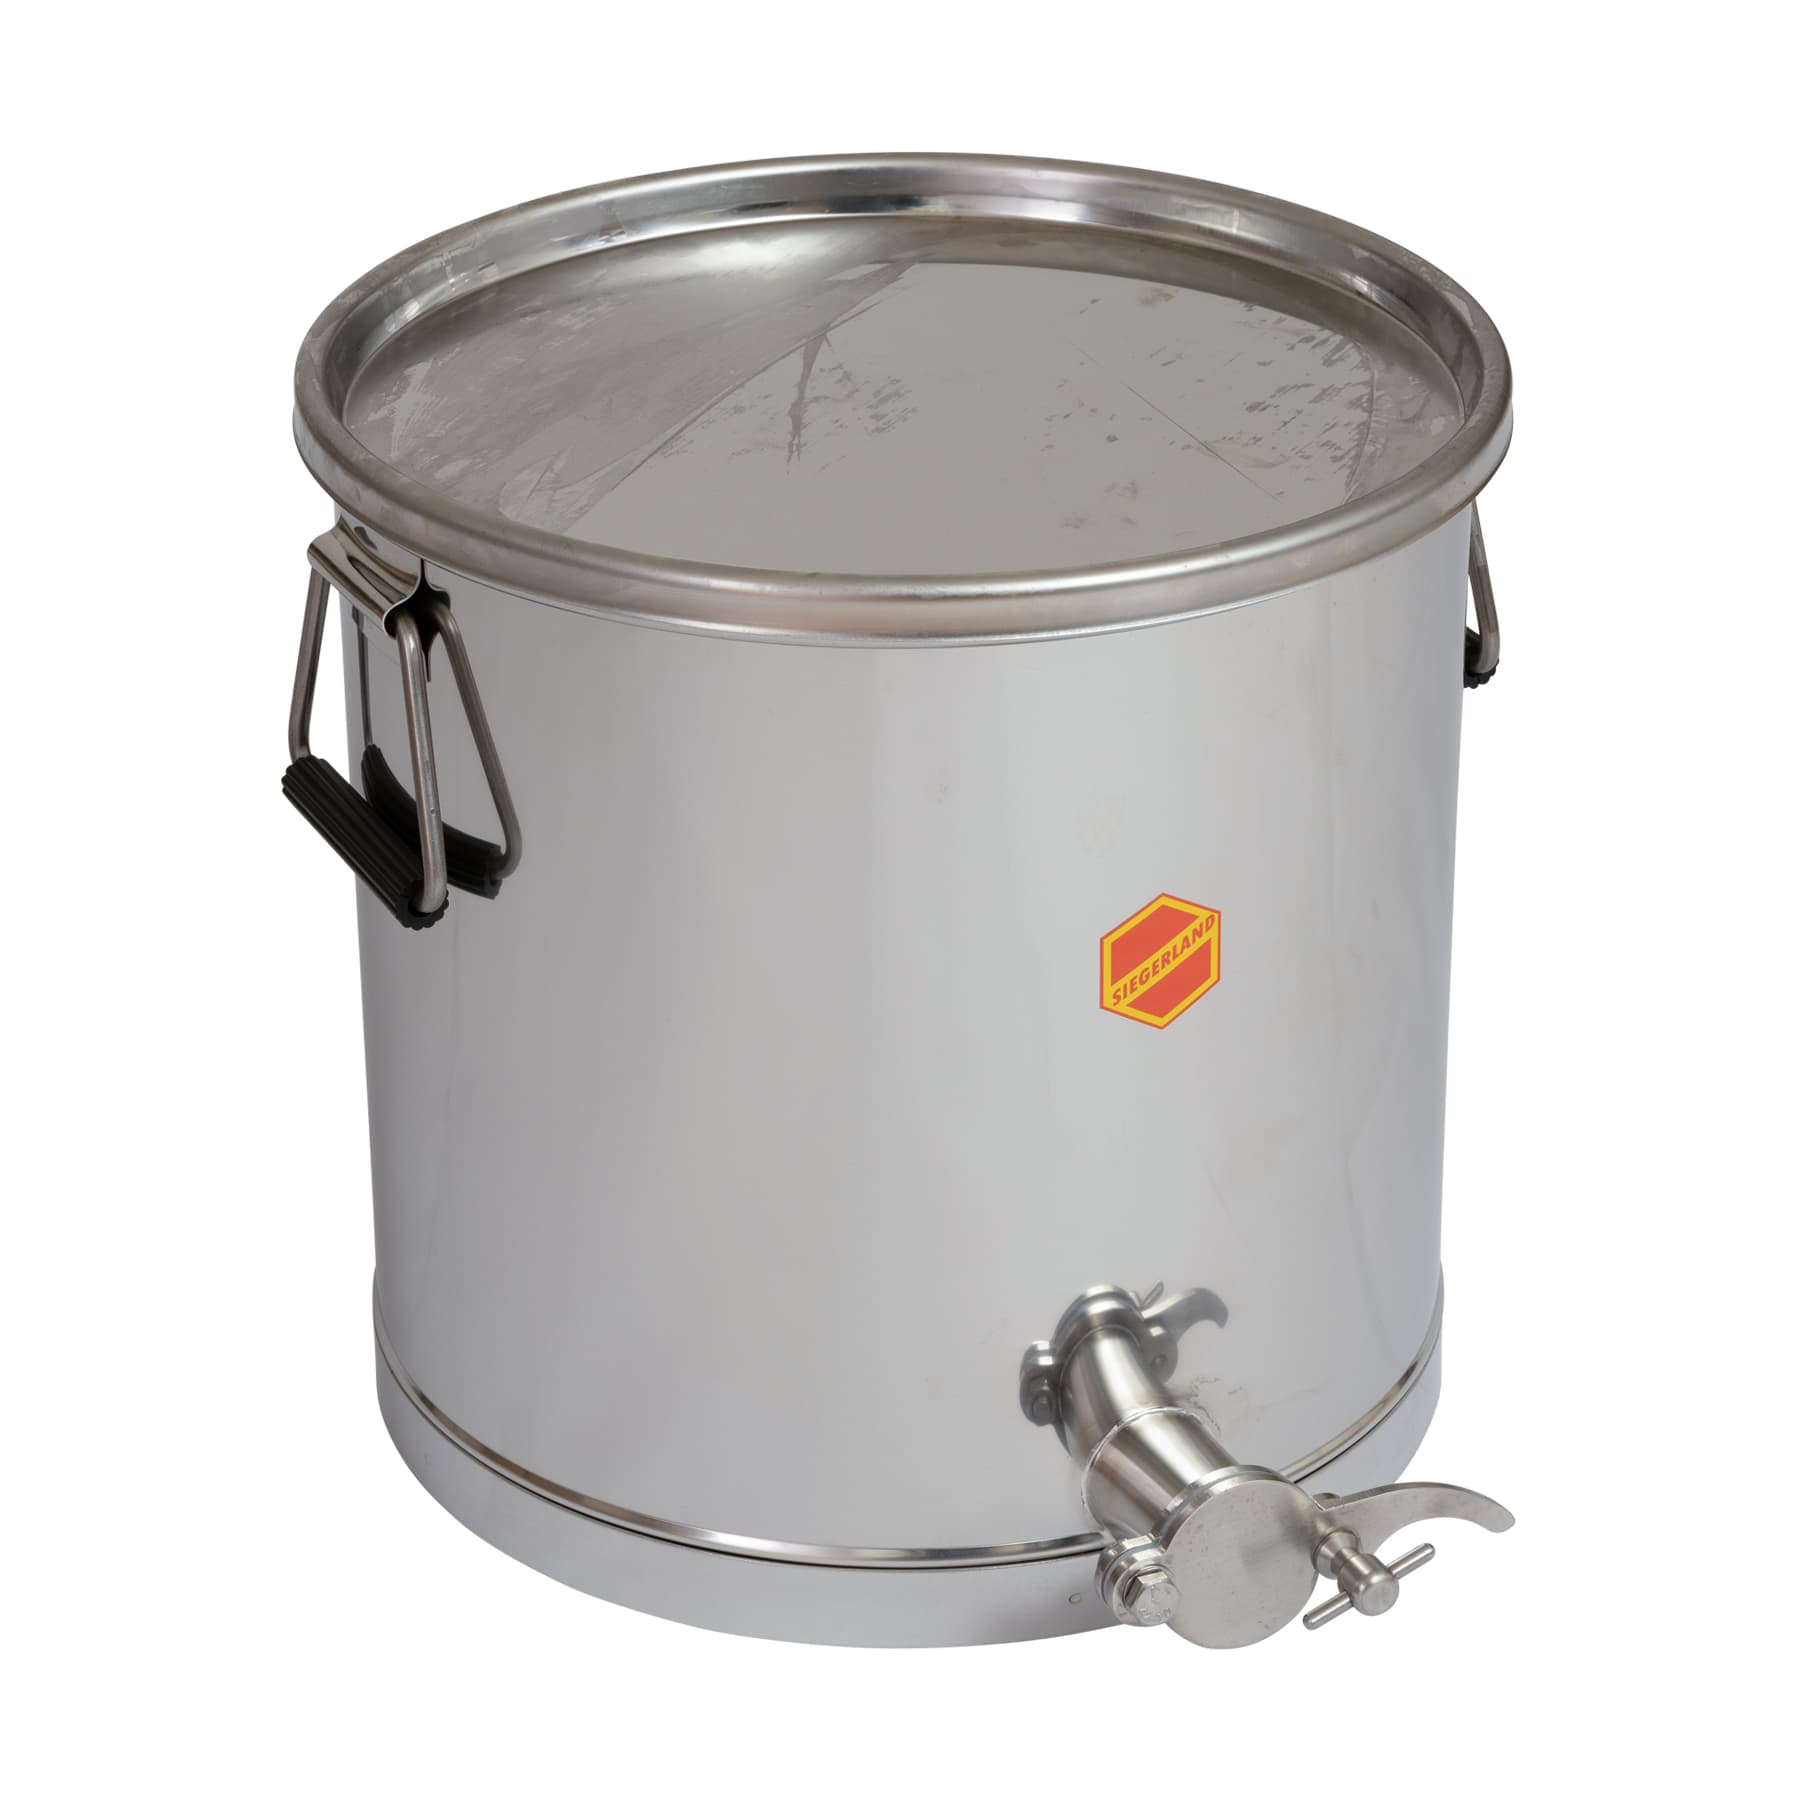 Abfüllbehälter 35 kg mit Auflagedeckel